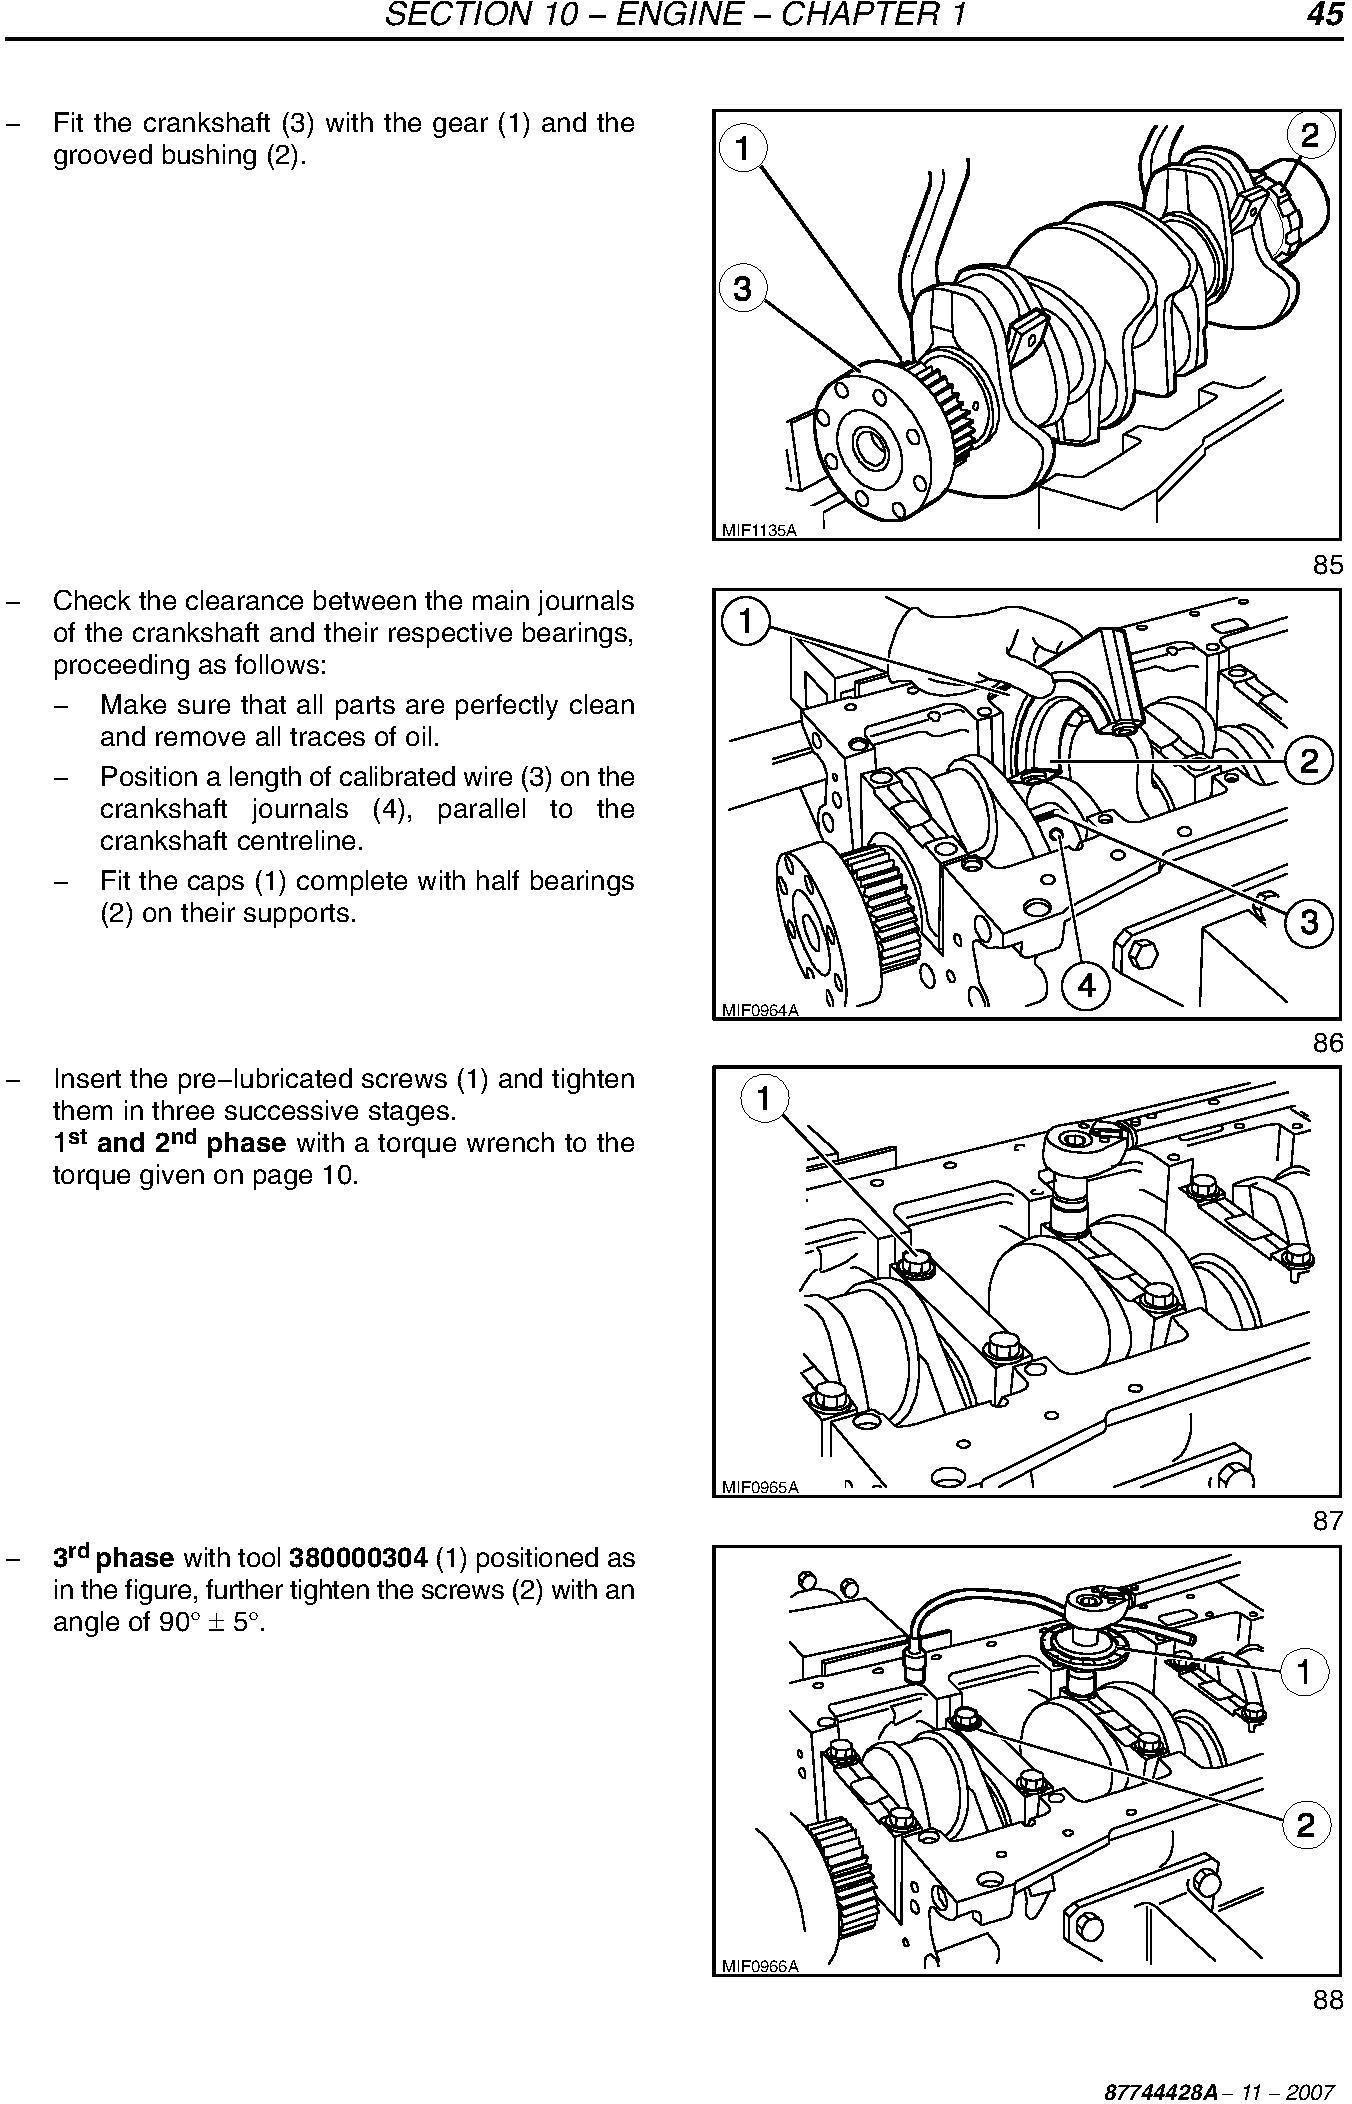 New Holland 4020, T4030, T4040, T4050 Tractors Service